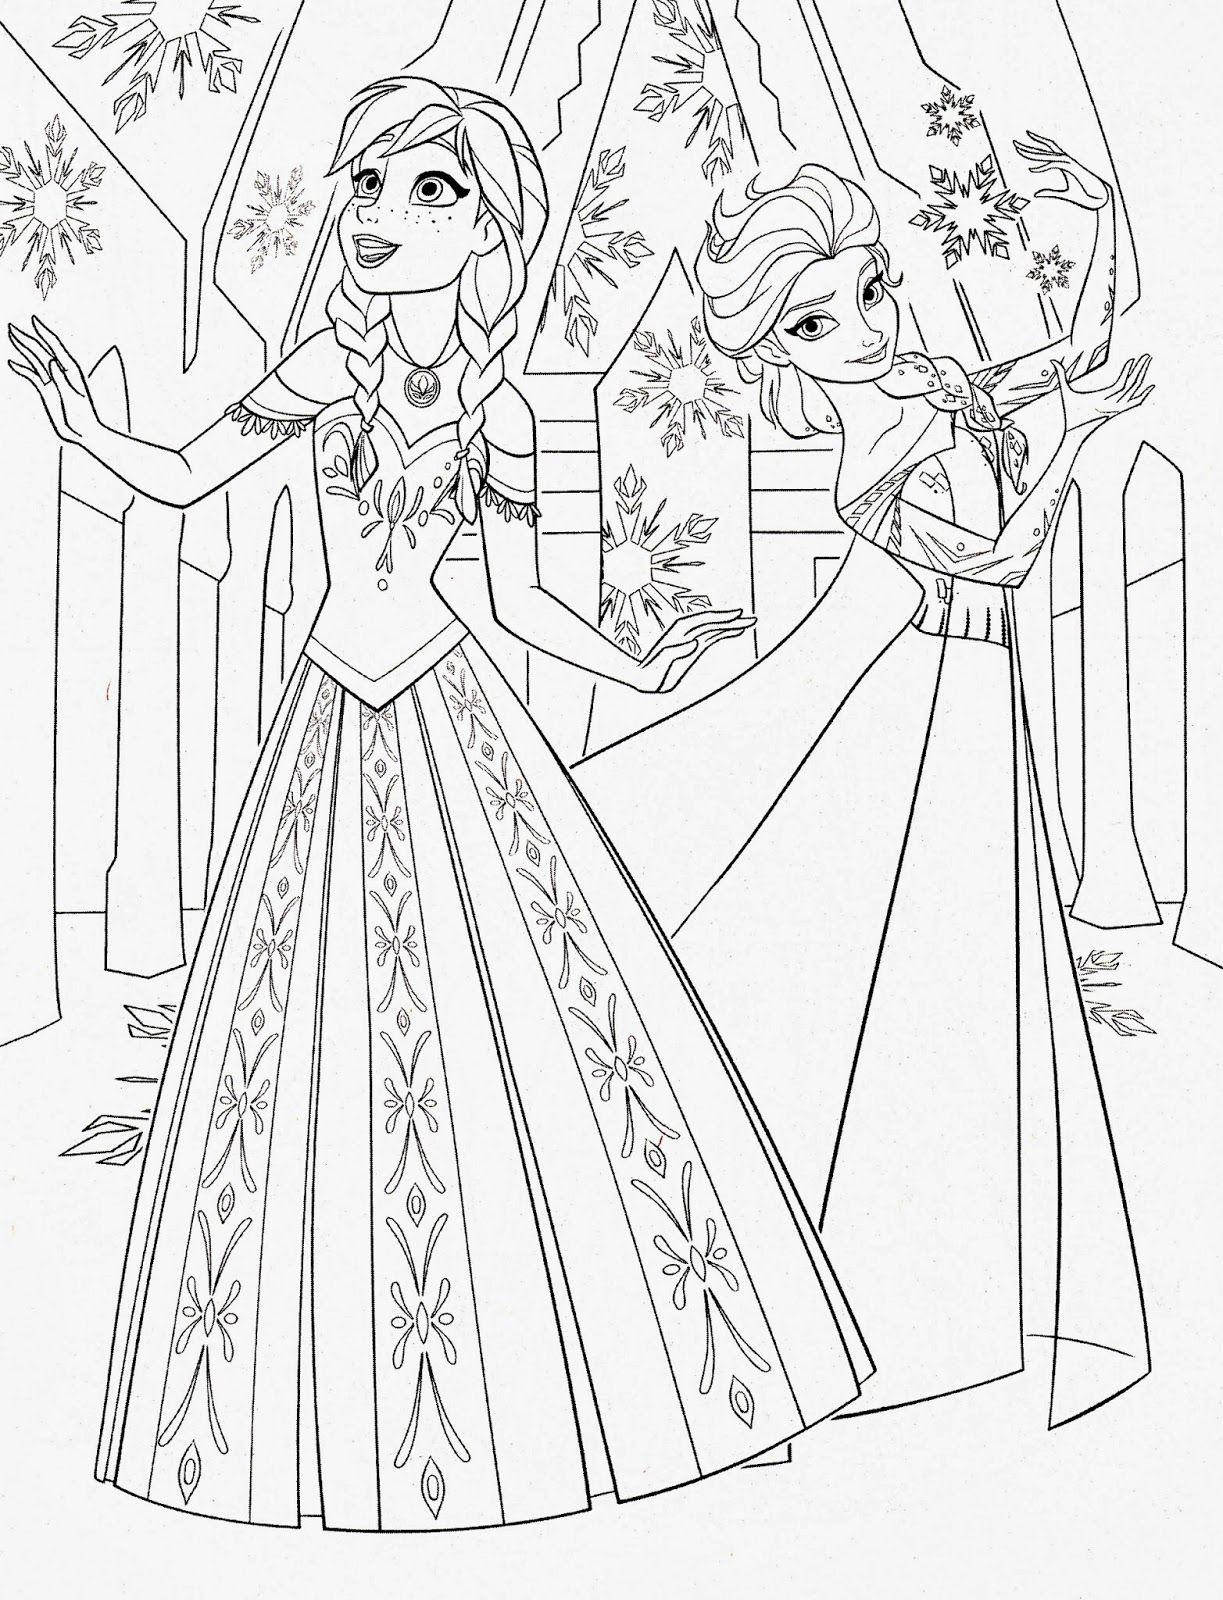 Tuyển tập các bức tranh tô màu công chúa Anna đẹp nhất